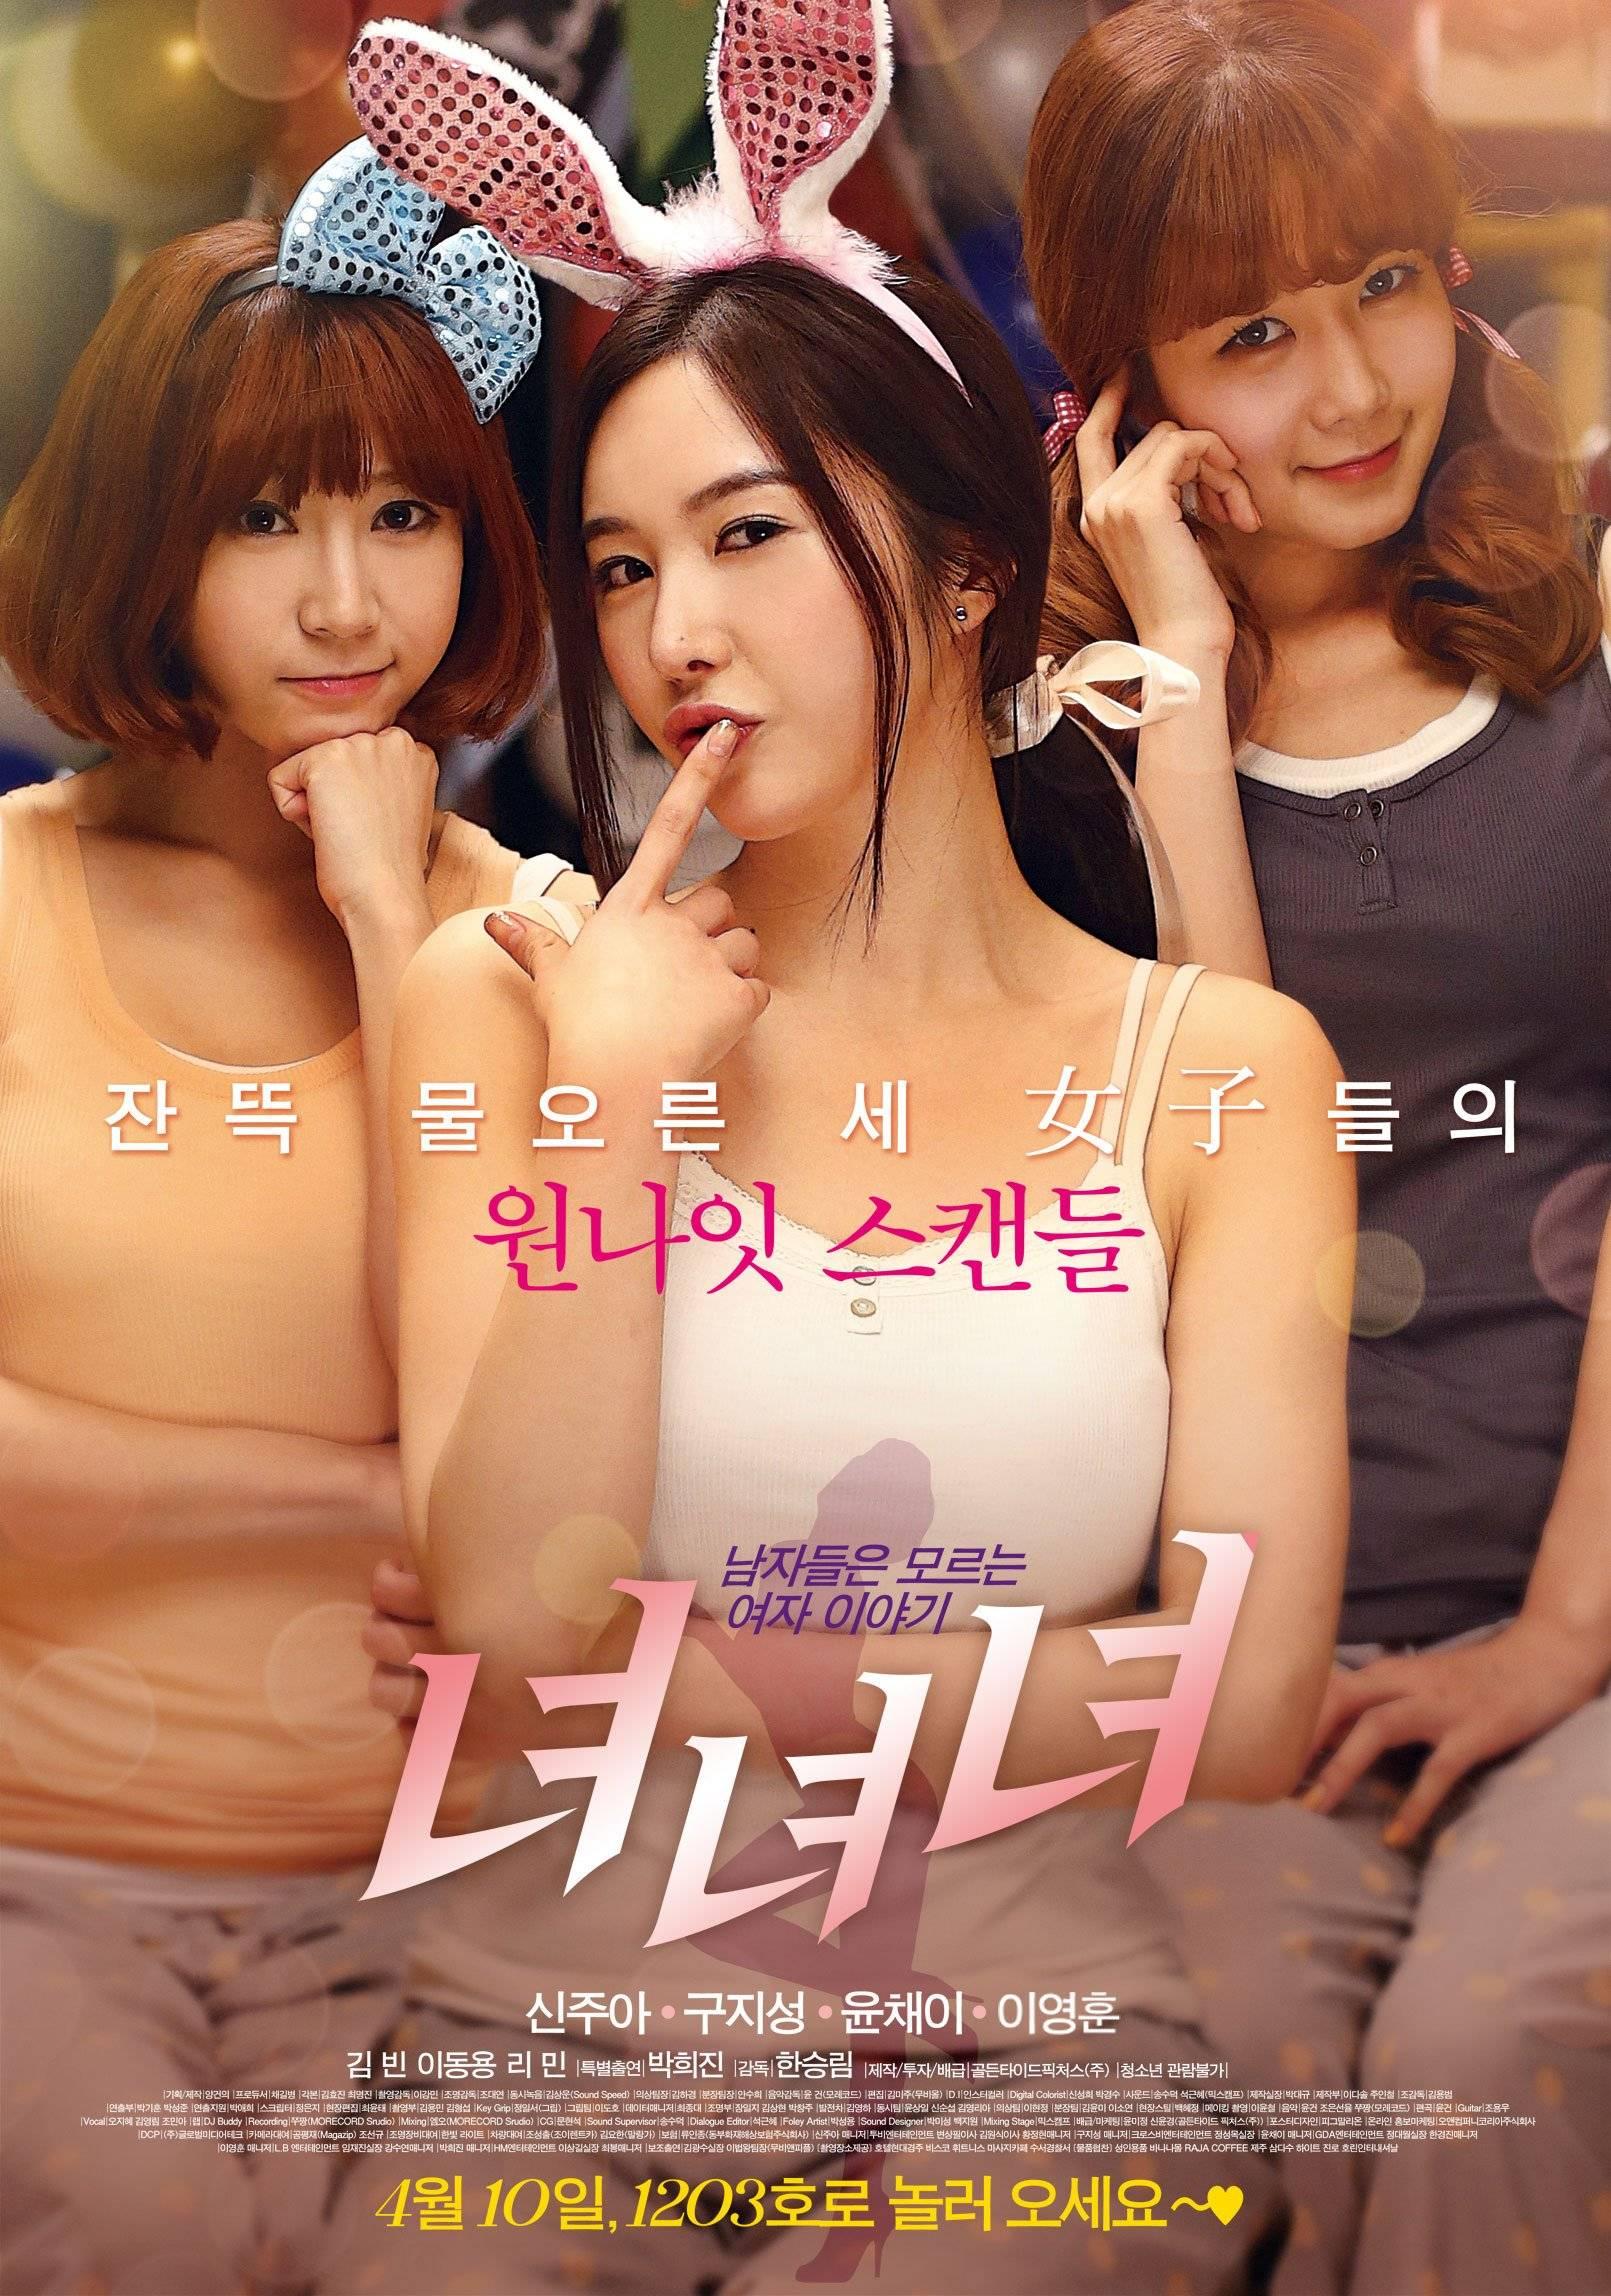 Girls Movie 2013 Girls Girls Girls 녀녀녀